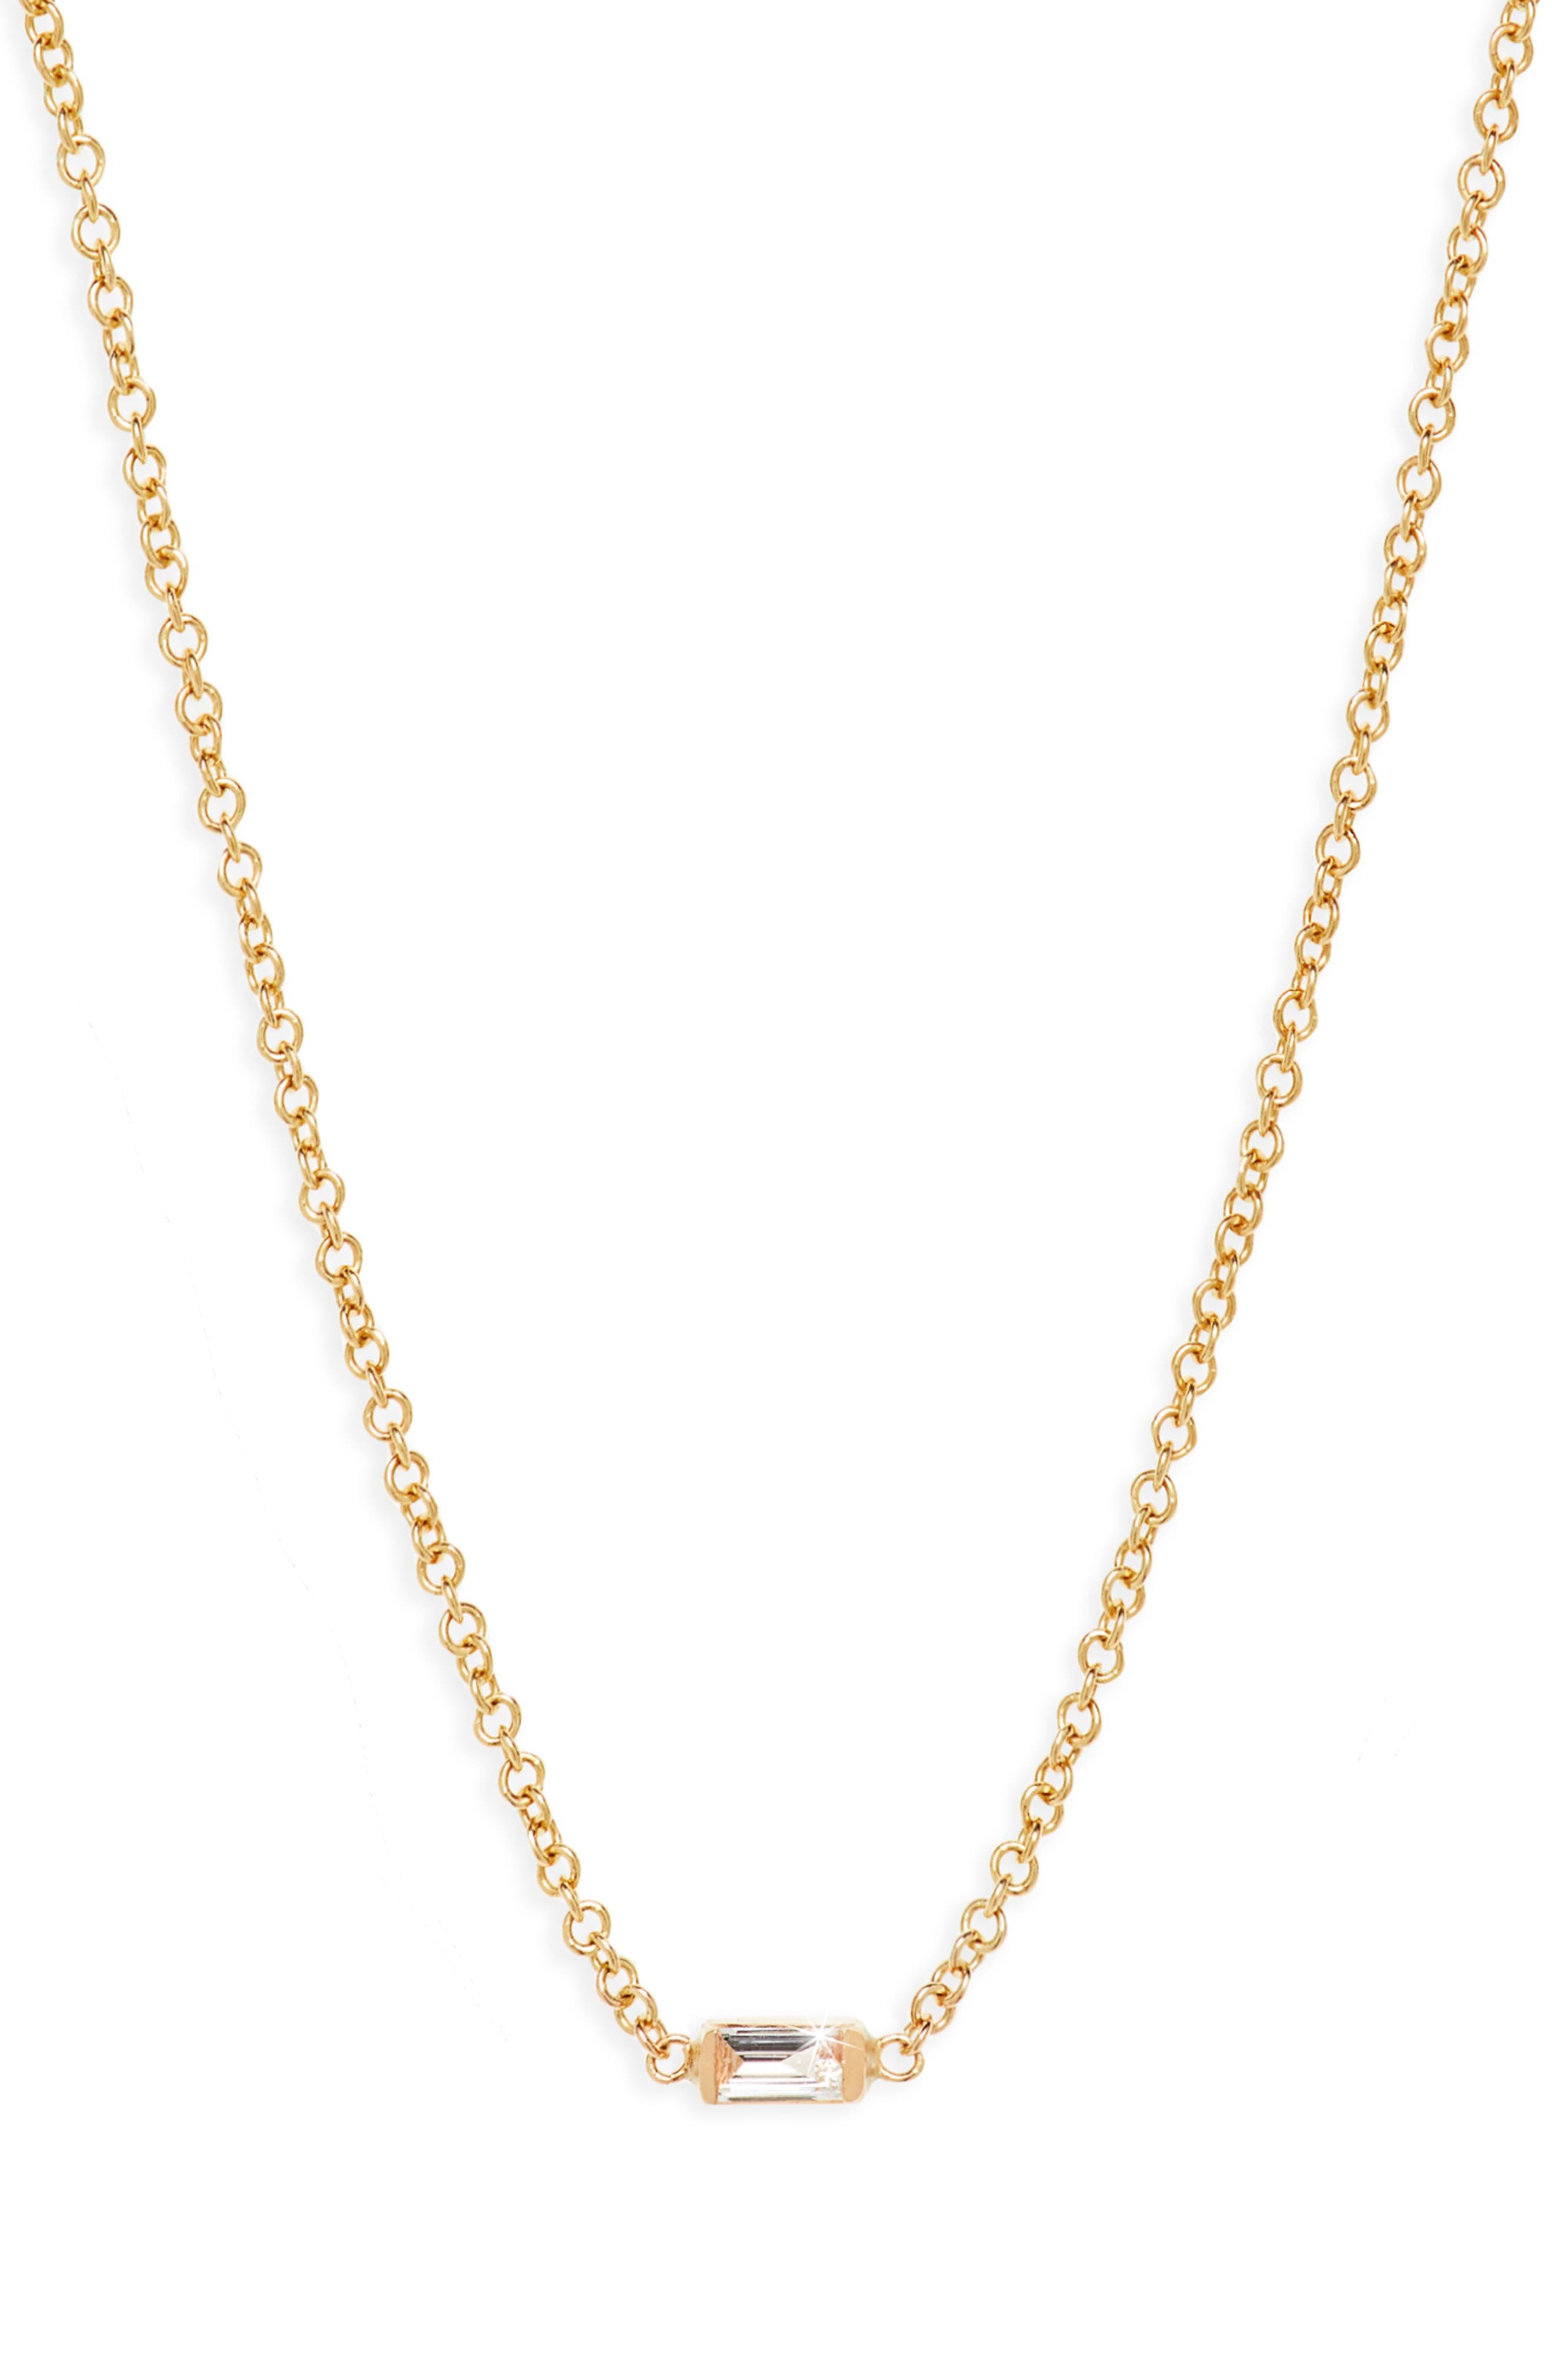 Diamond Baguette Pendant Necklace,                         Main,                         color, YELLOW GOLD